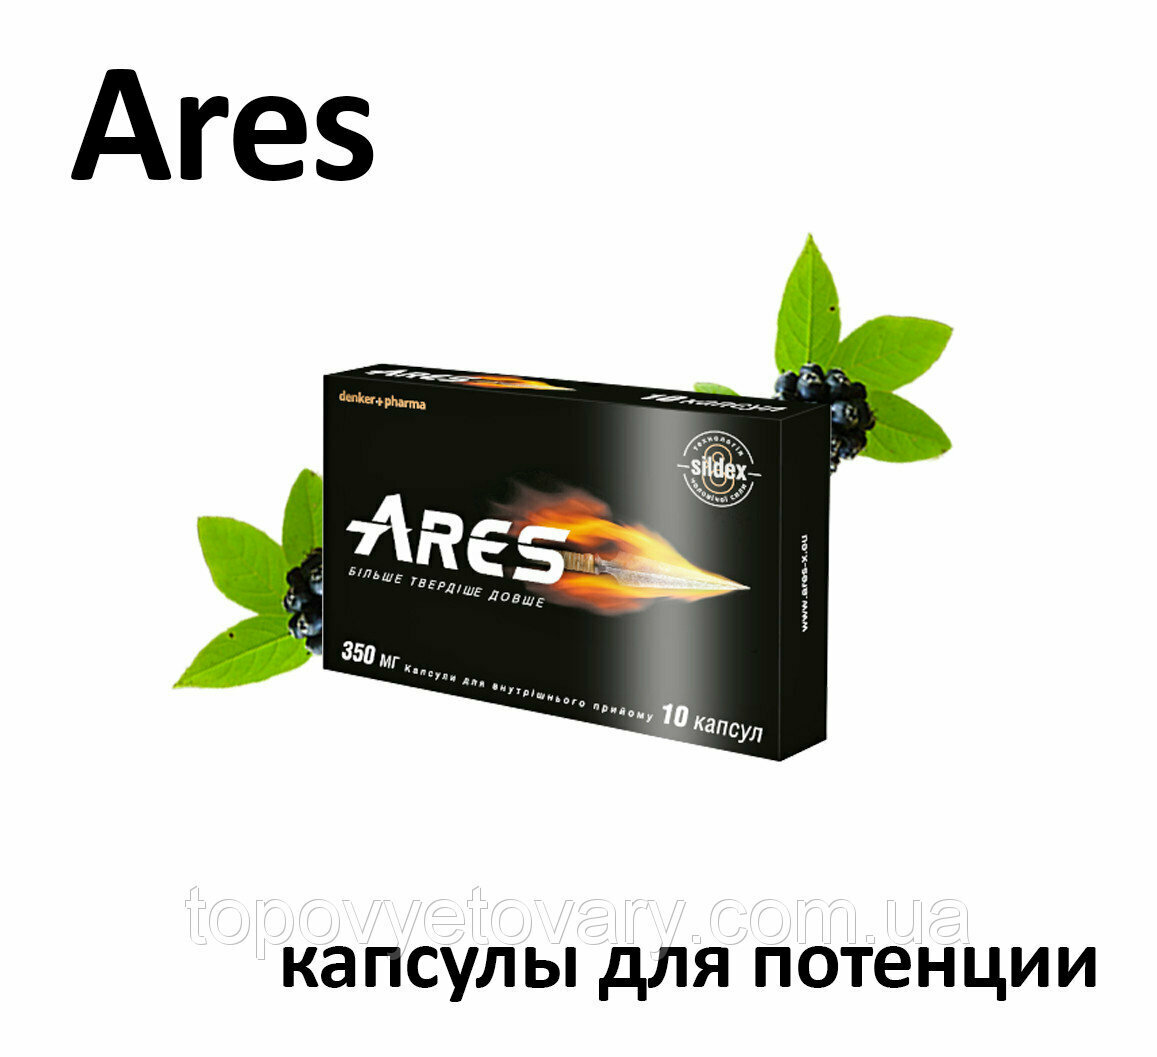 ARES для потенции в Копейске